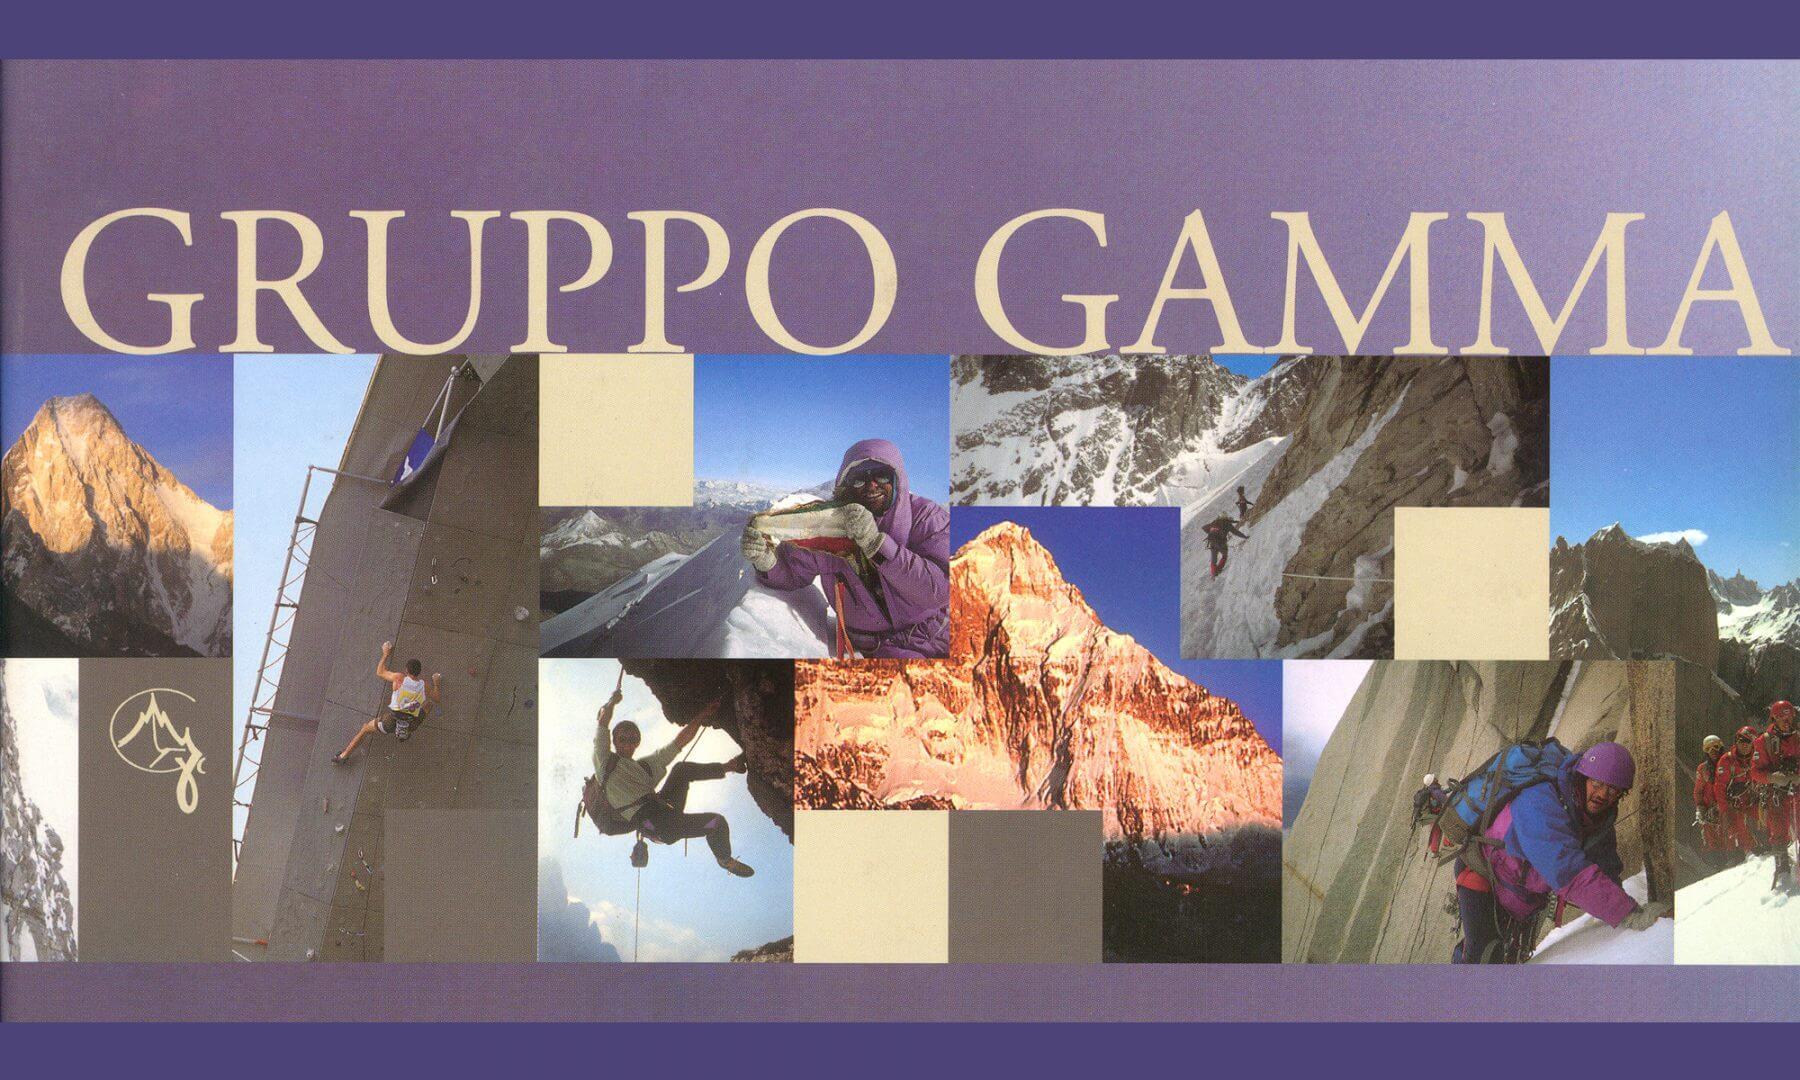 Gruppo Gamma Lecco Alpinismo e Corsi